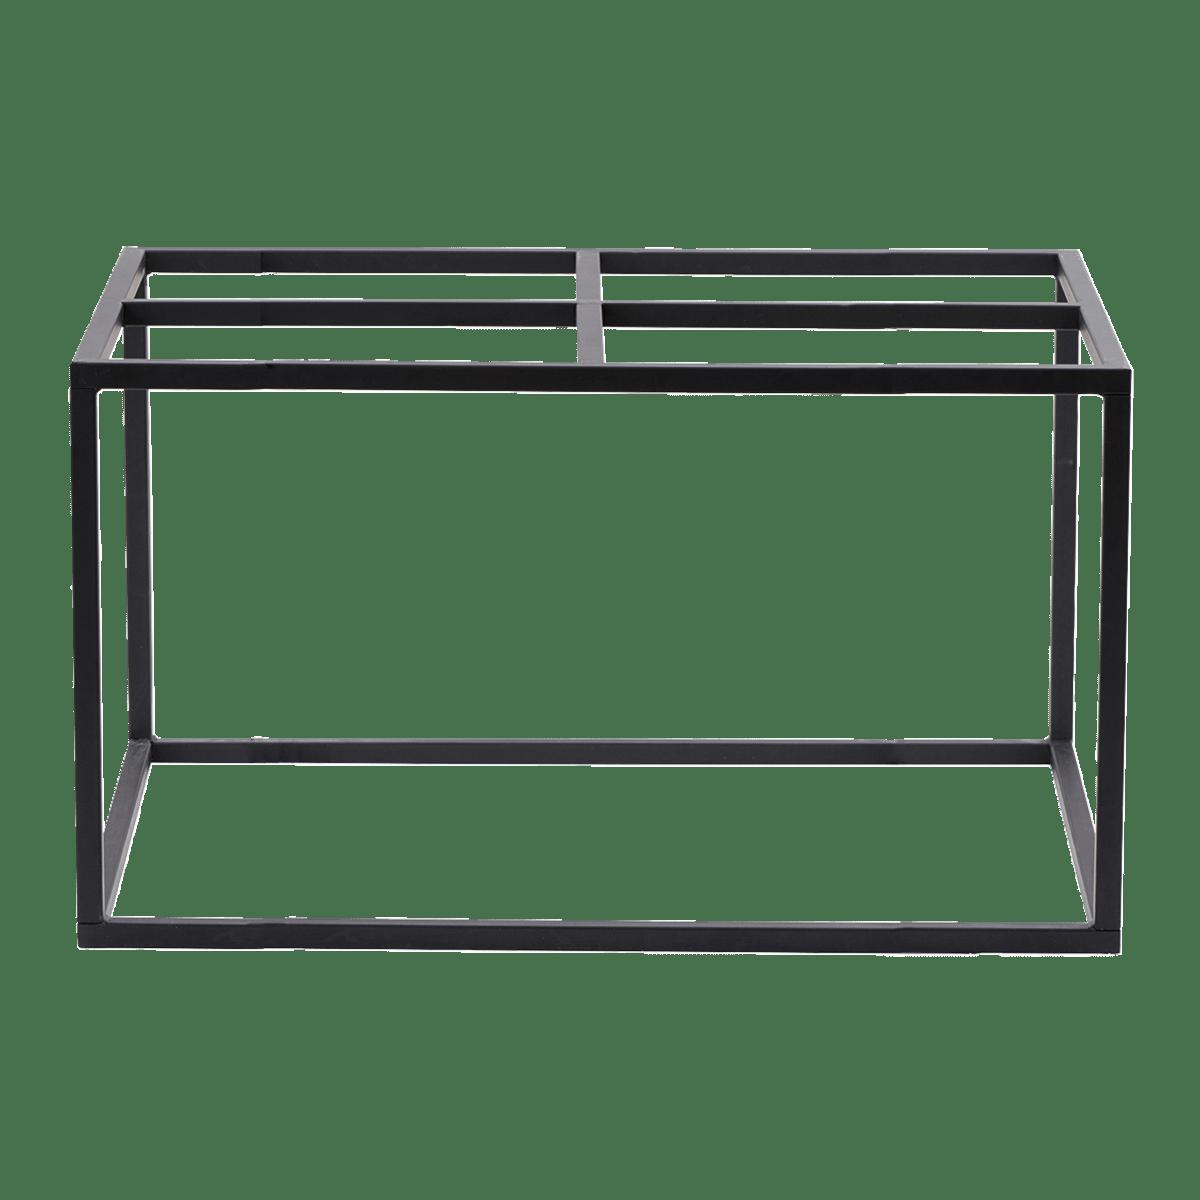 Matně černá základna stolu 100x100x45 cm